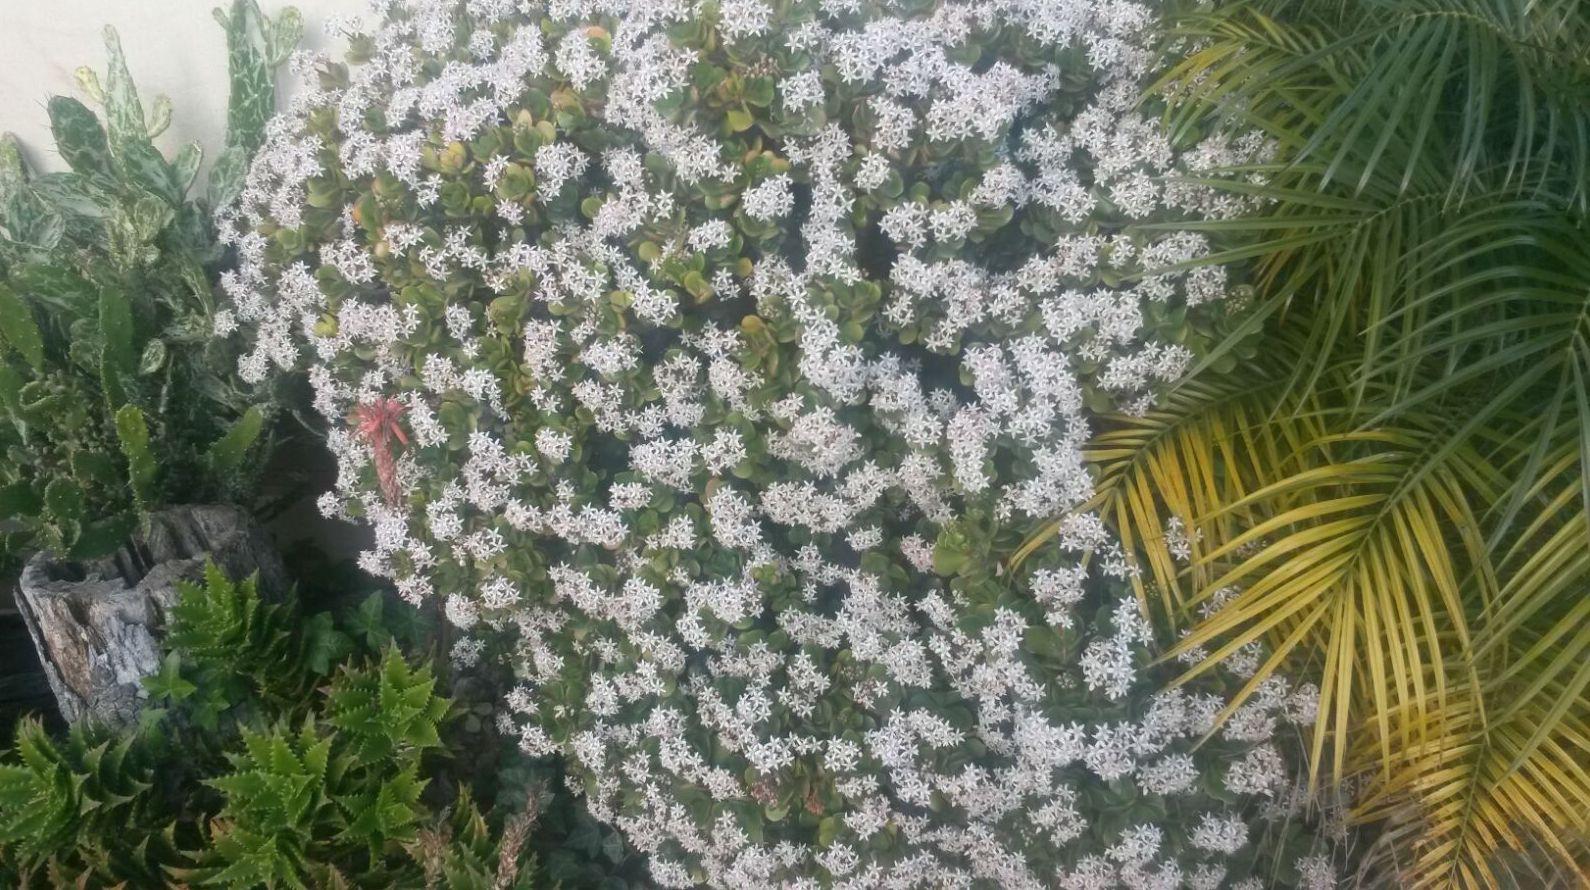 Mantenimiento de jardines. Todo tipo de plantas